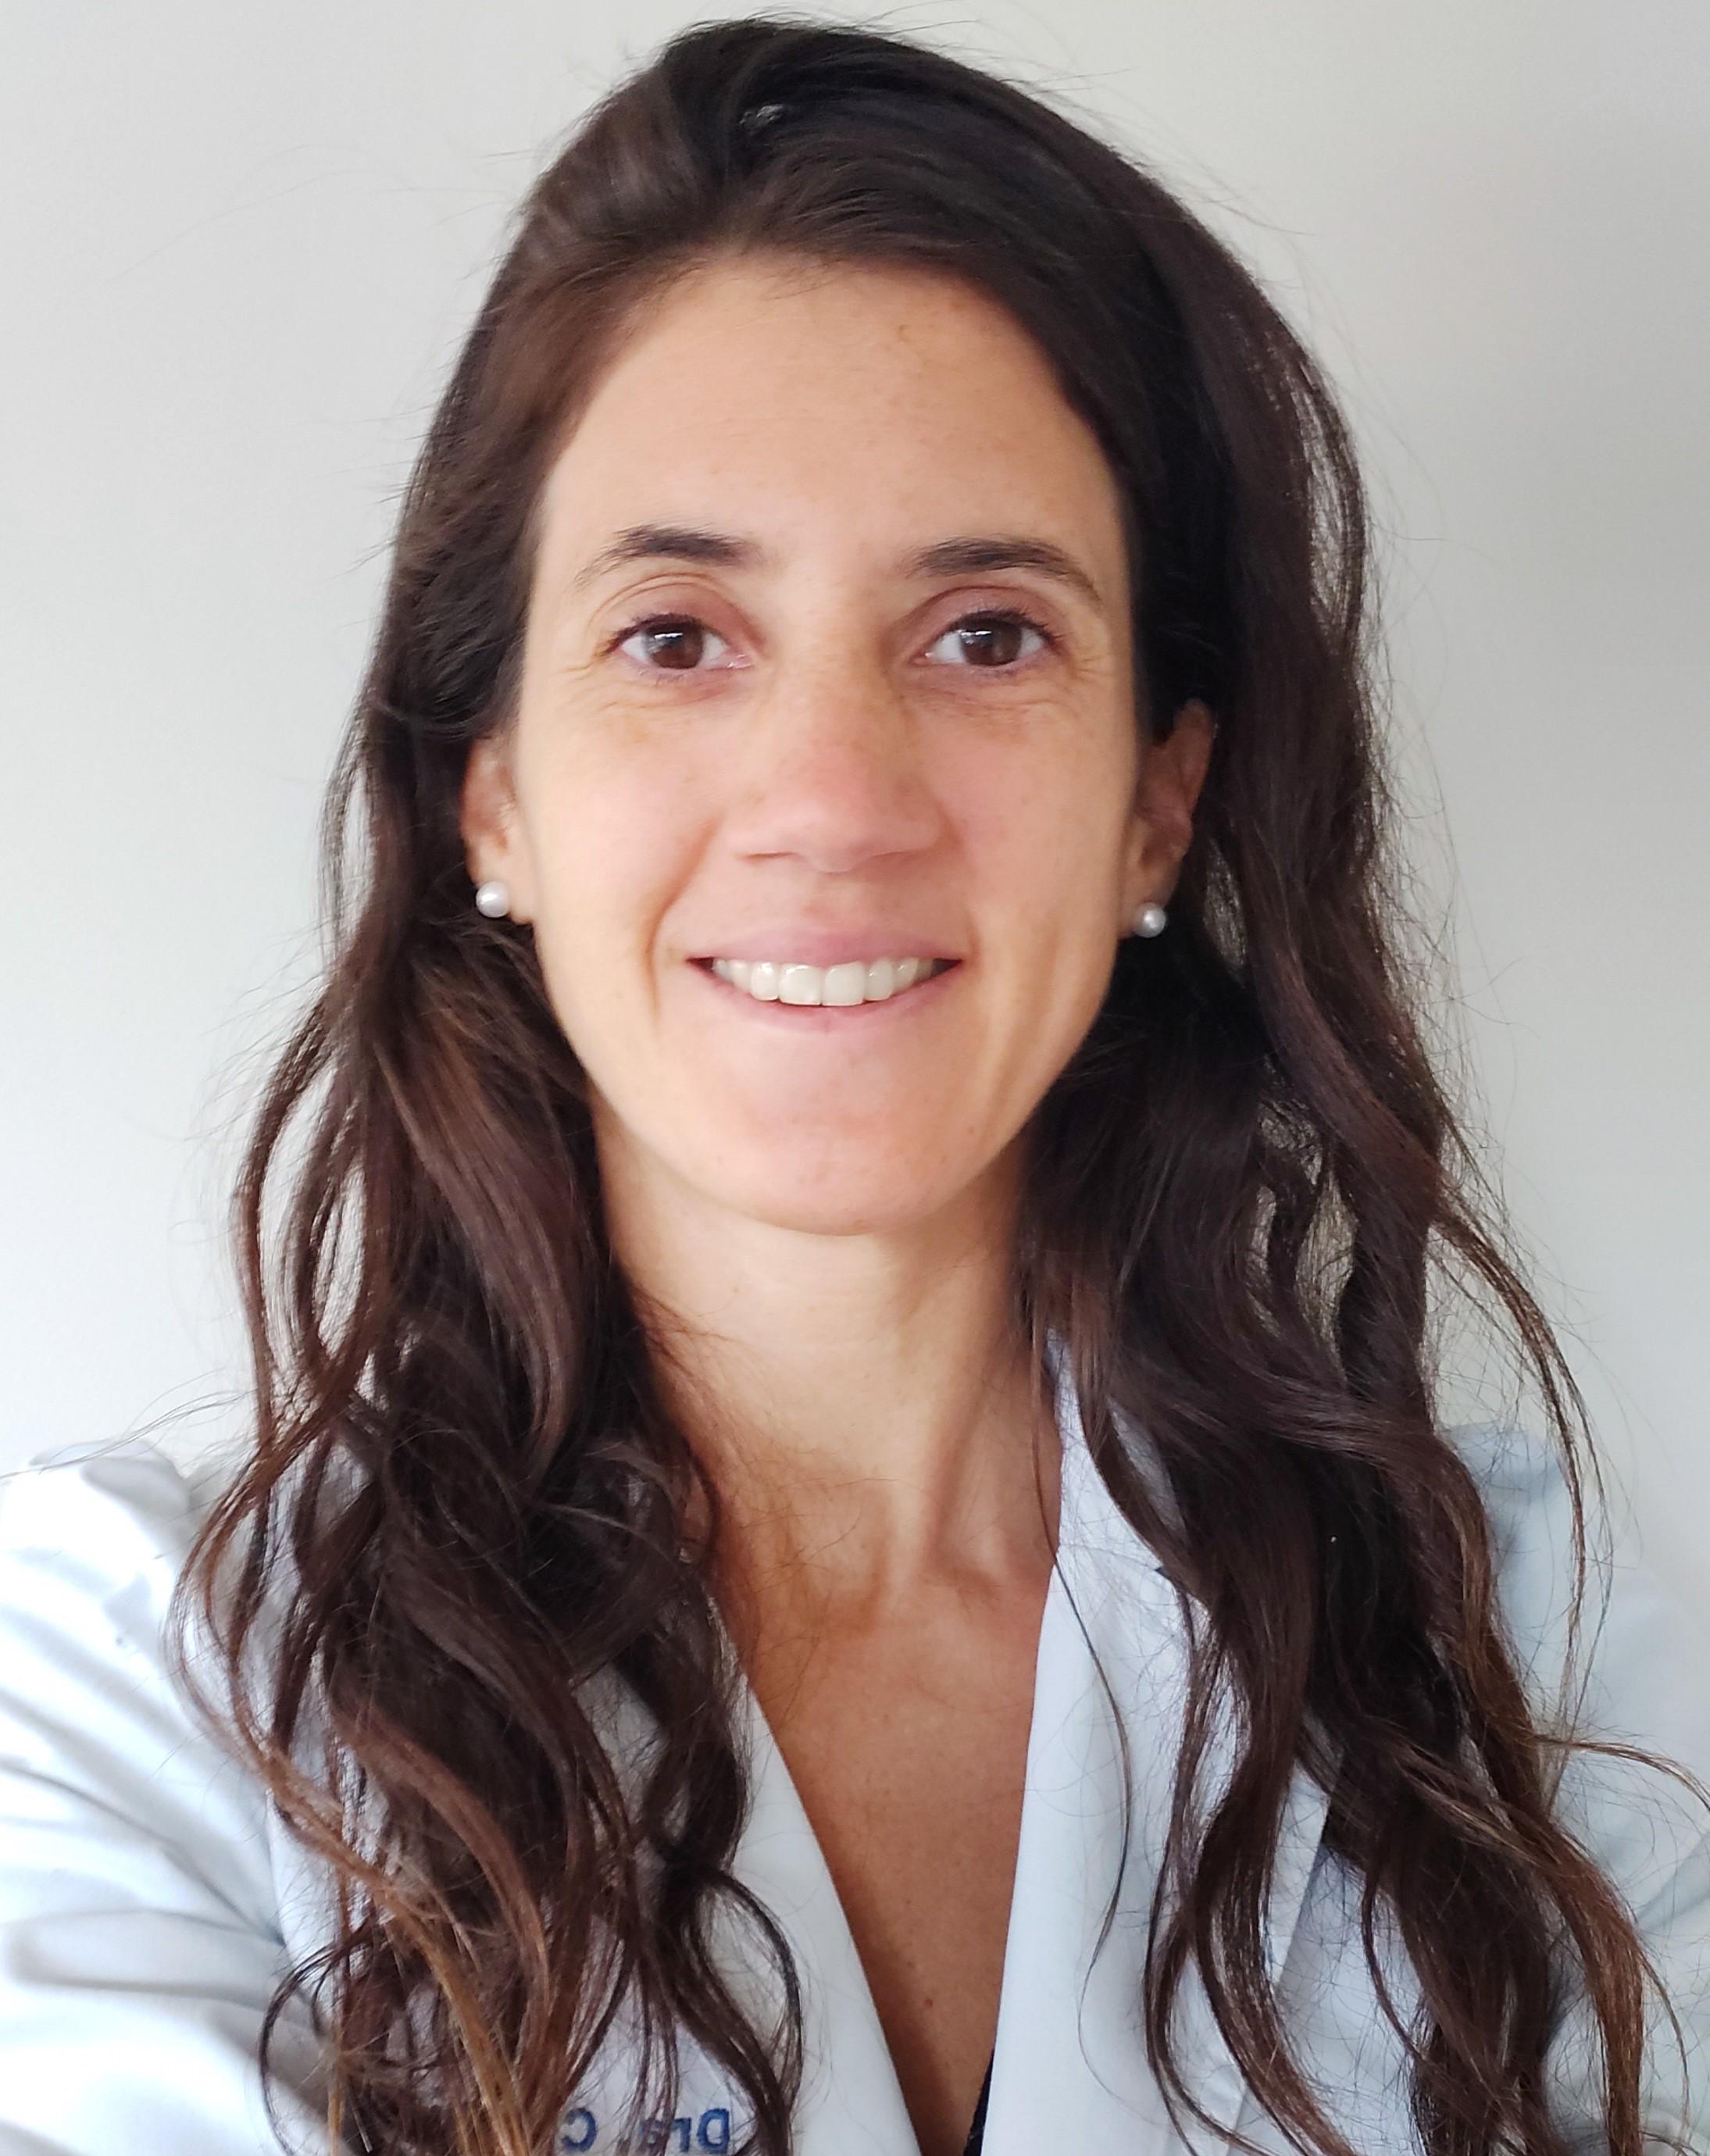 CLAUDIA FRANCESCA CELLE TRAVERSO